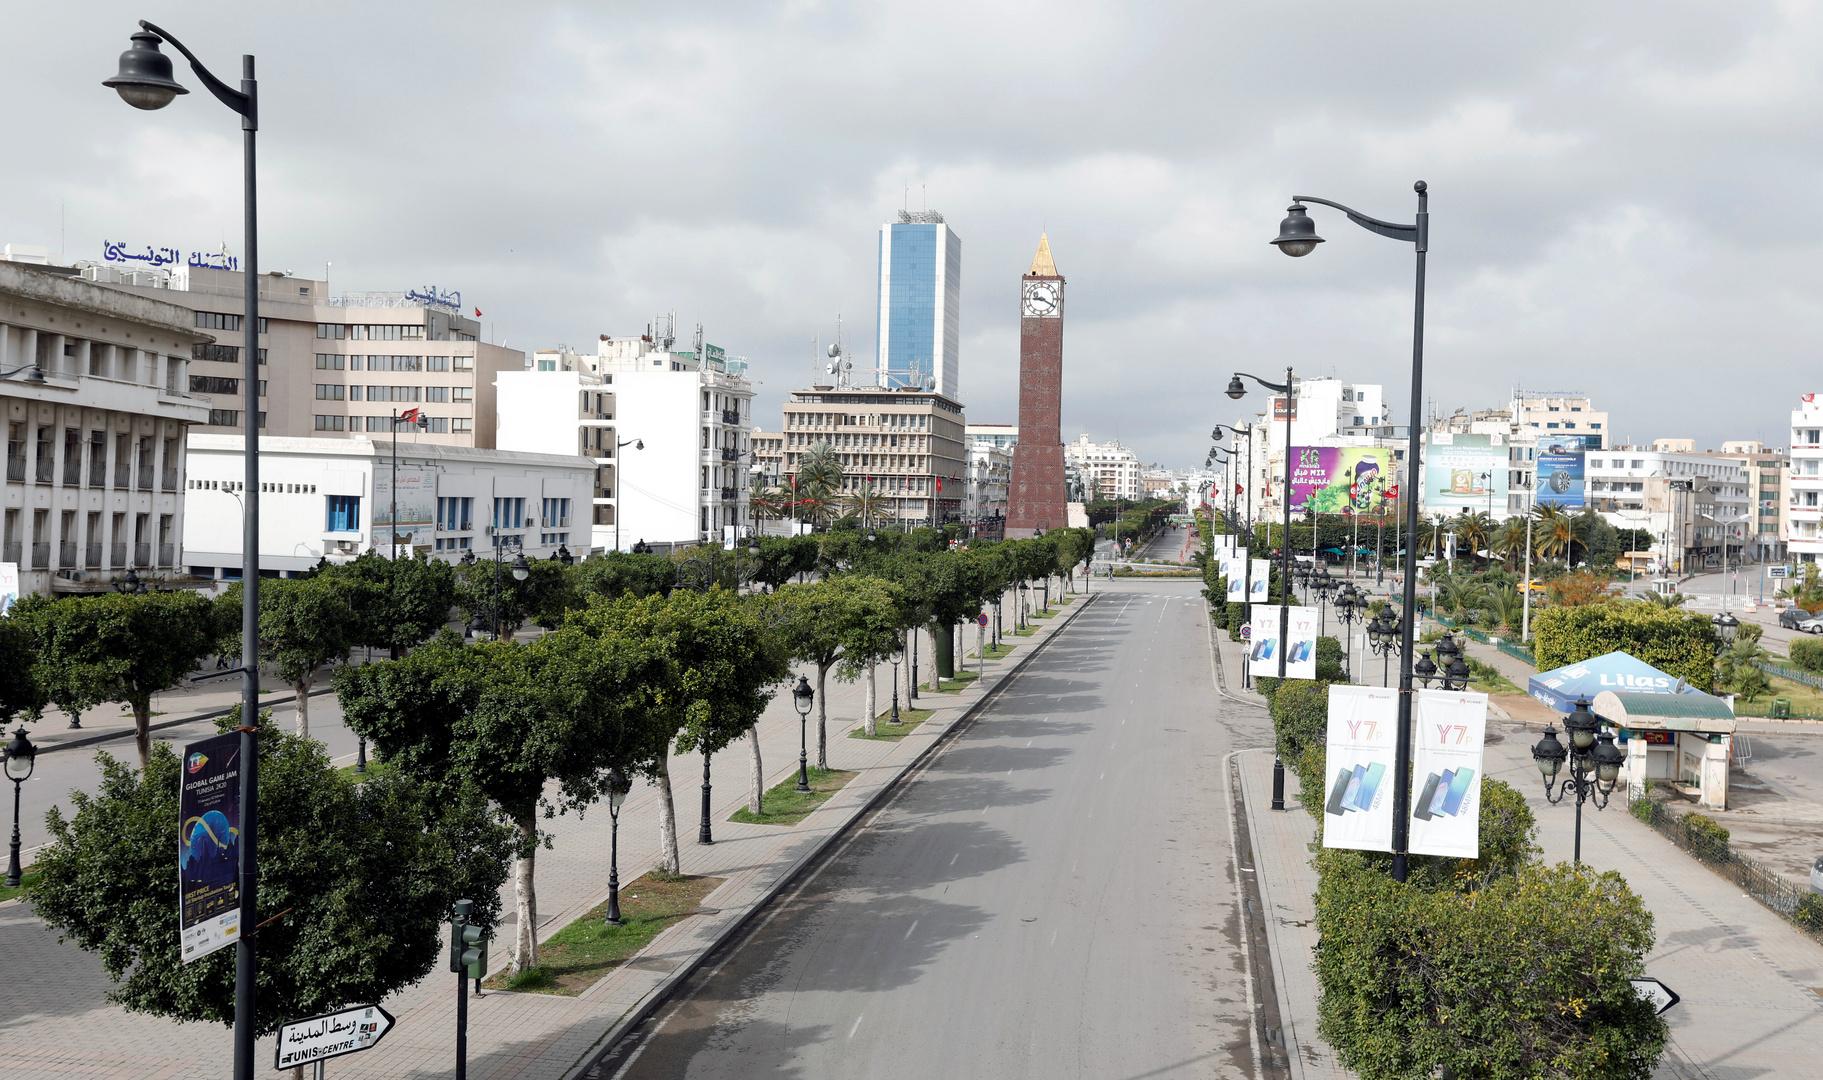 تونس تفرض إغلاقا شاملا لمواجهة كورونا خشية من انهيار نظام الرعاية الصحية